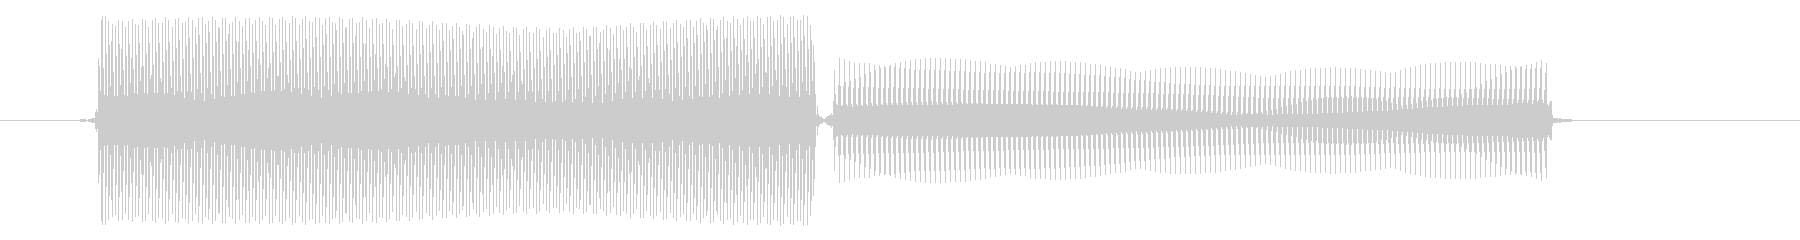 コンピューター/決定音/8ビットの未再生の波形